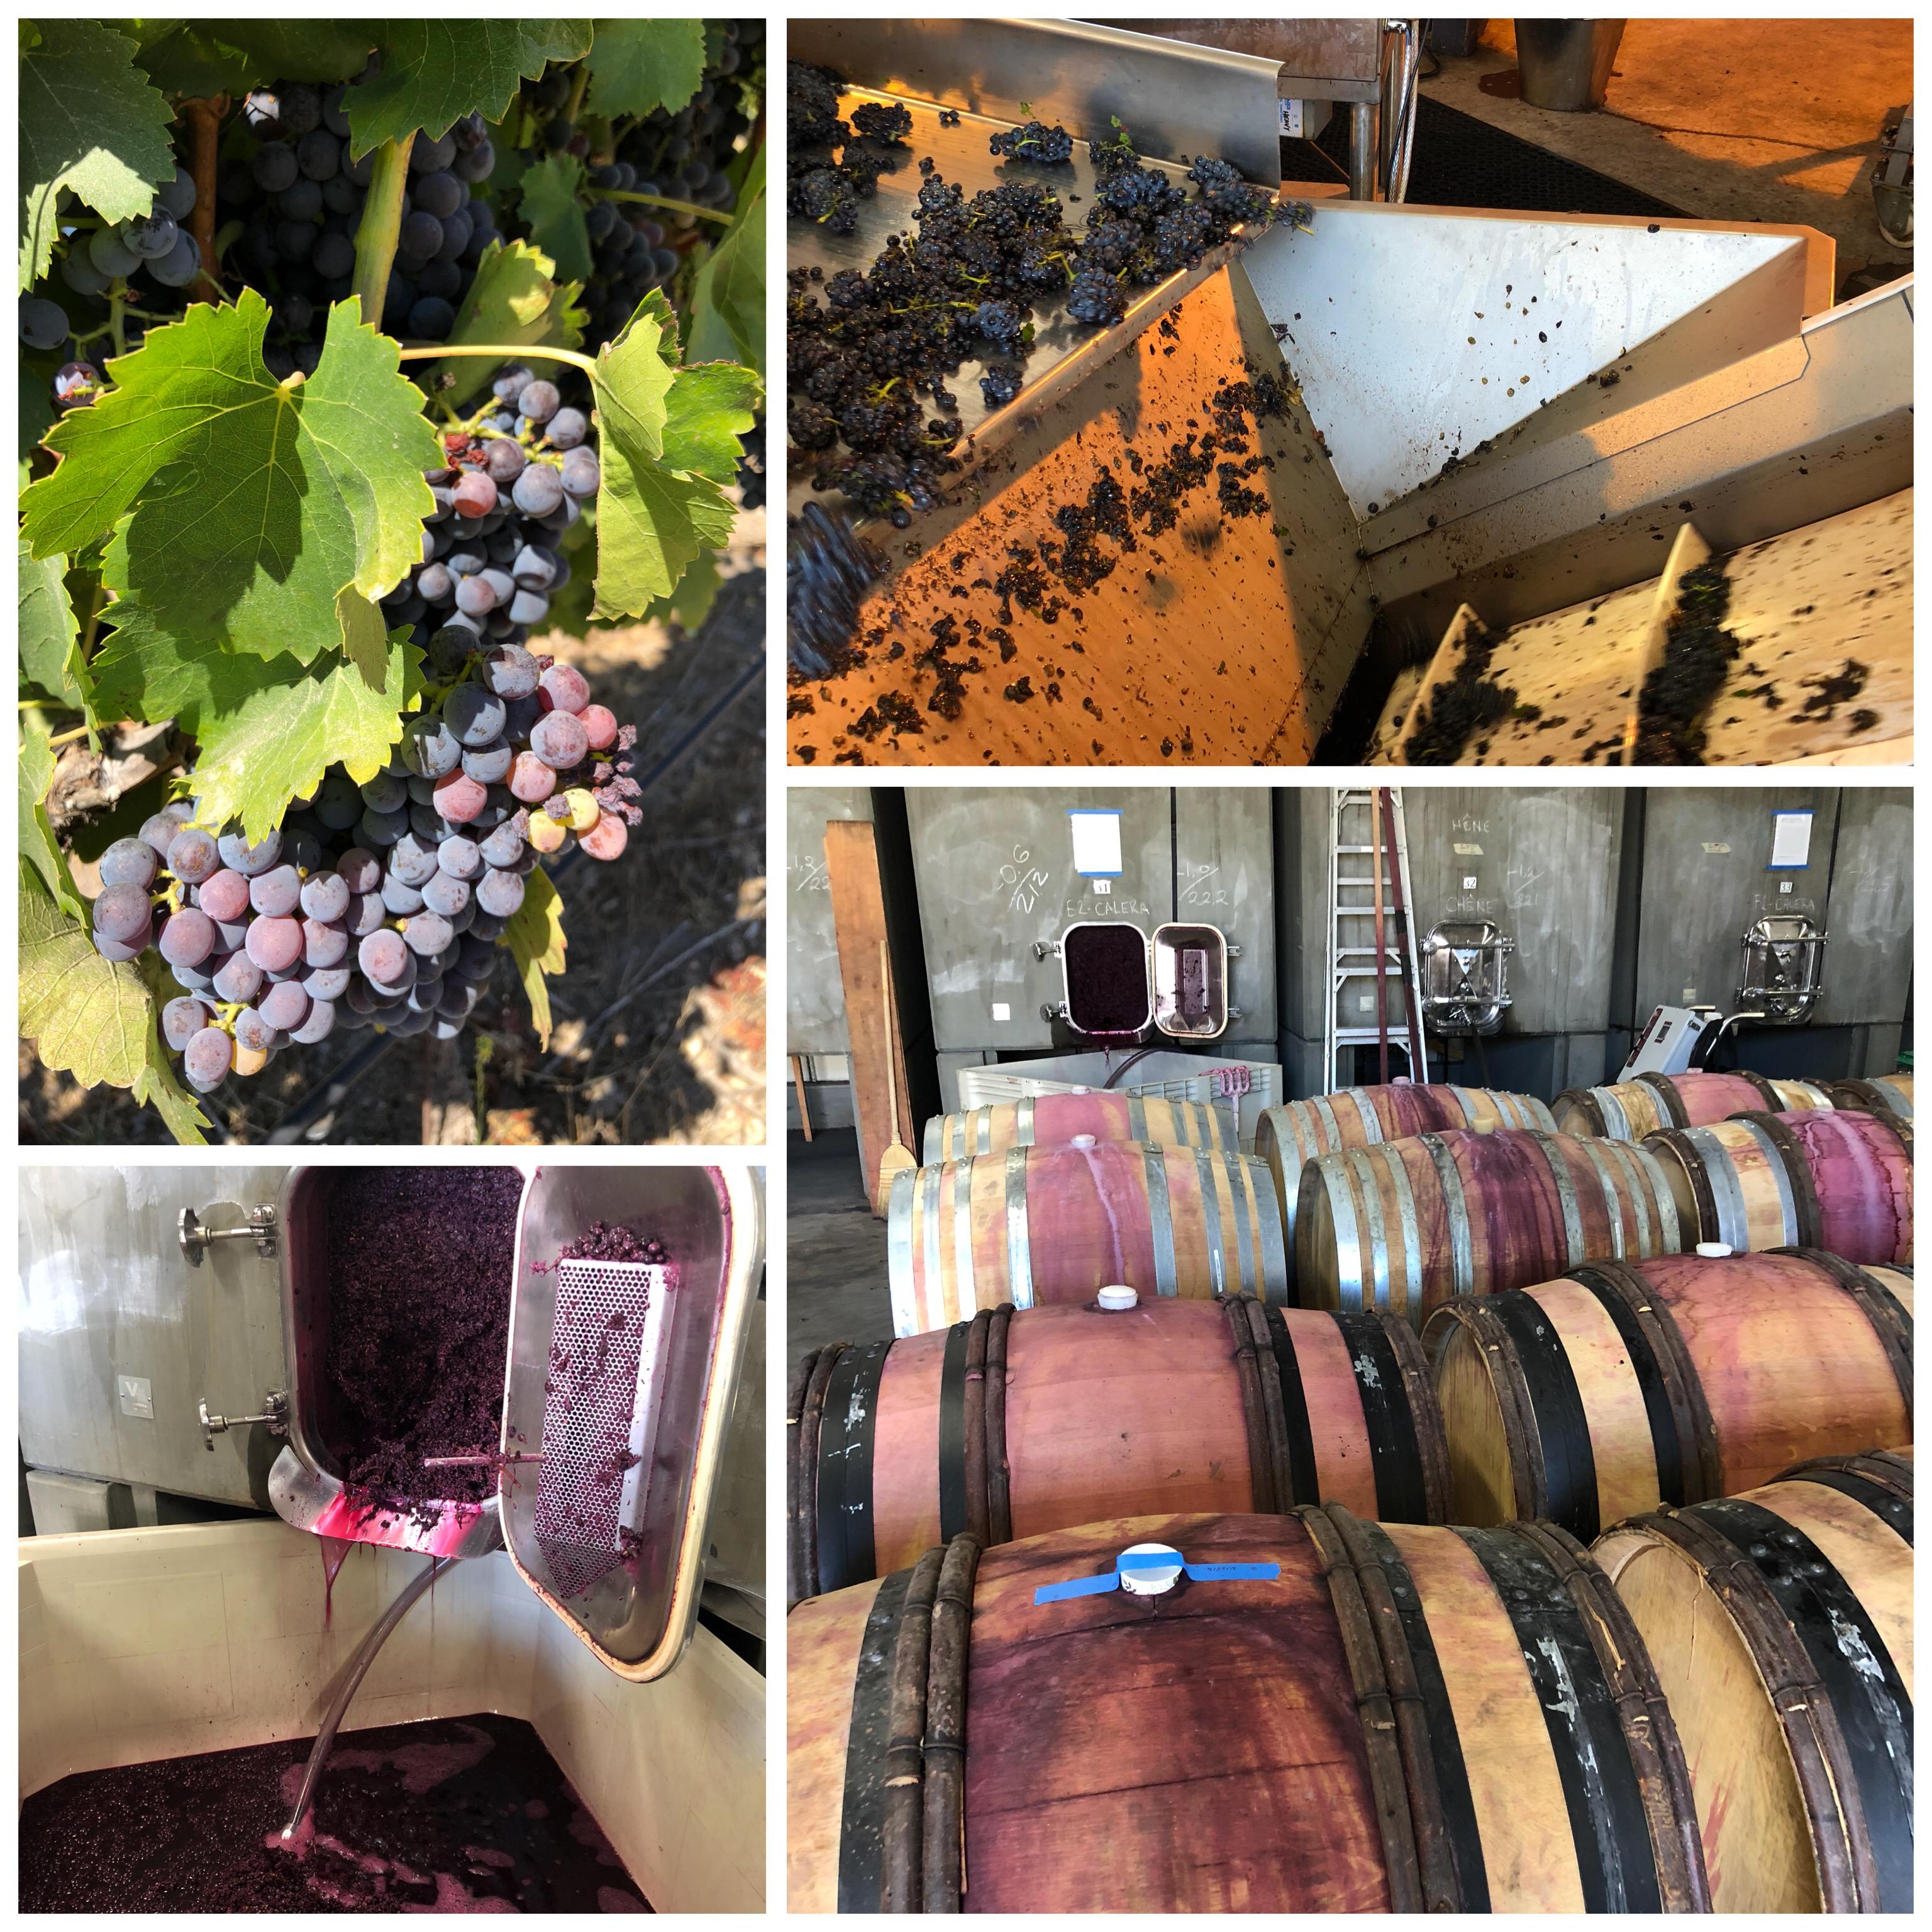 #harvest #pinotnoir #winetour #winetasting